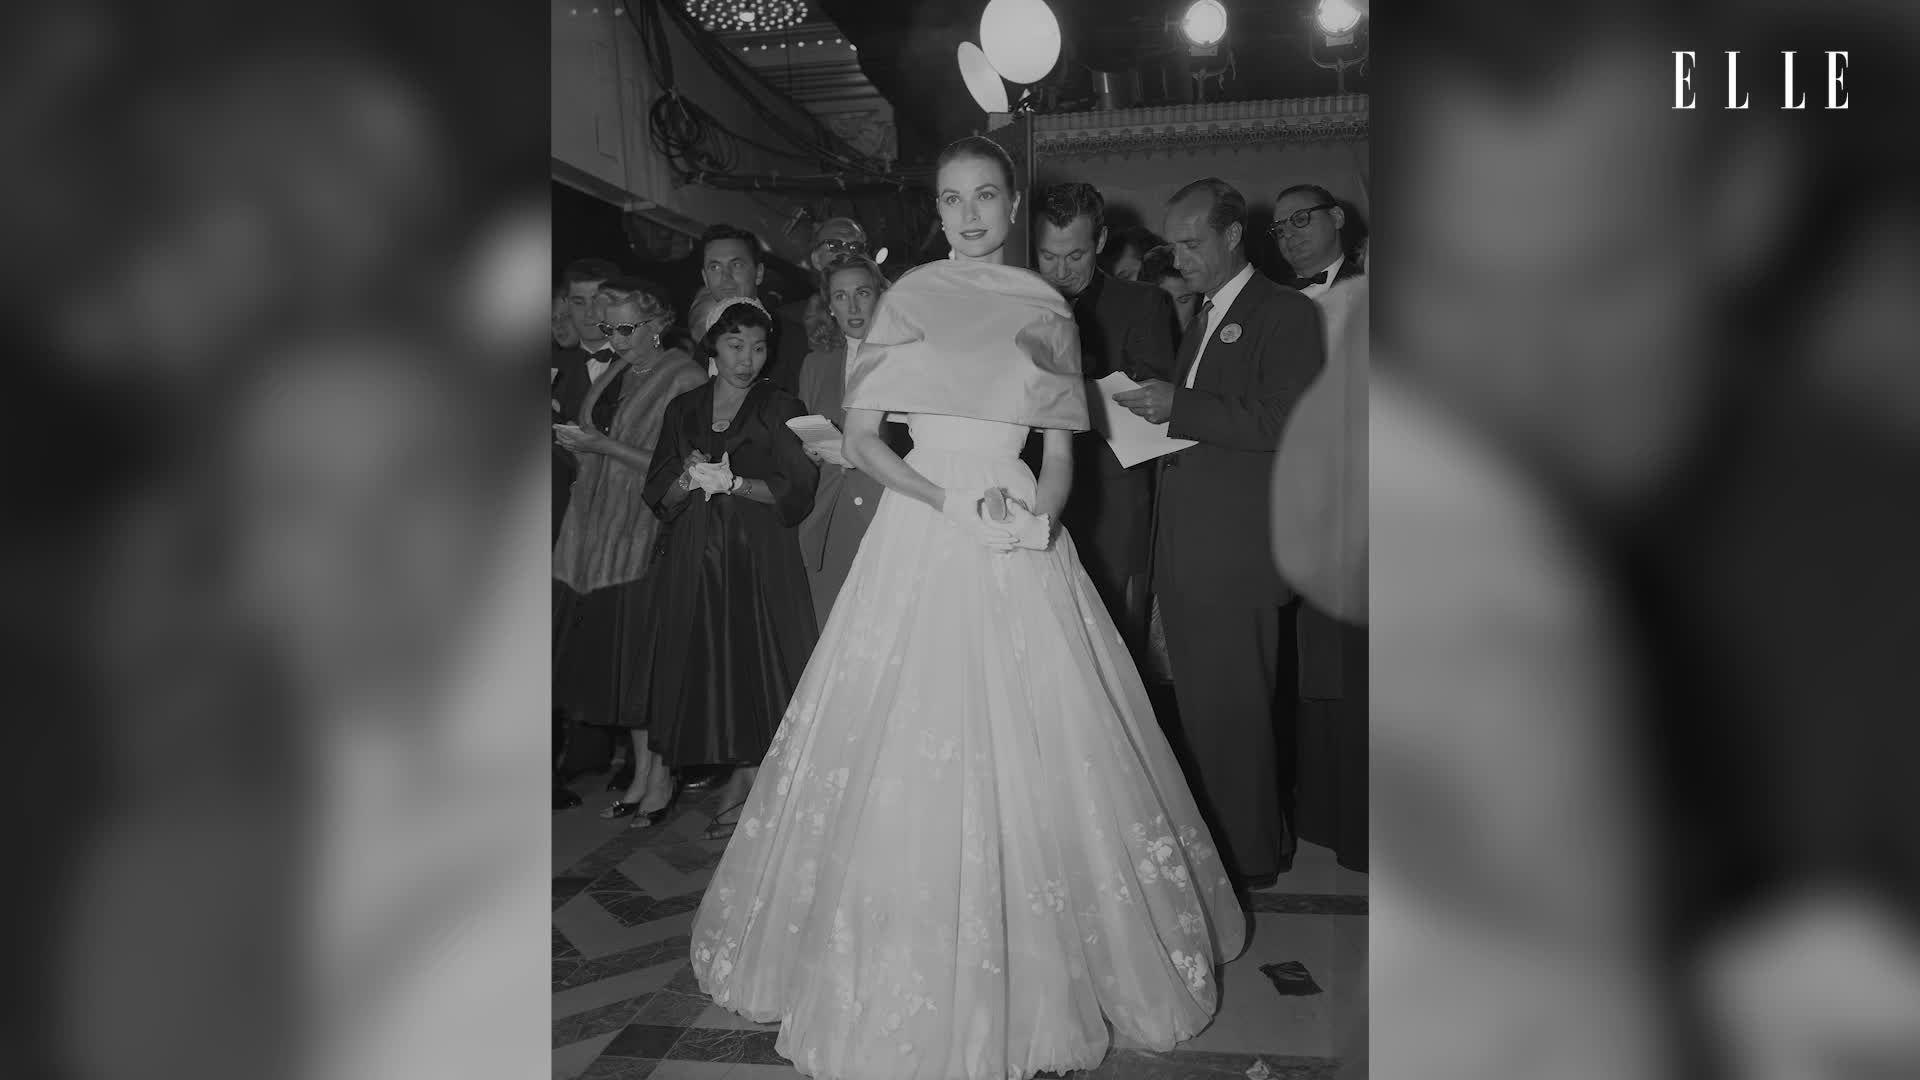 C'era una volta un sì... Il matrimonio di Grace Kelly e Ranieri di Monaco in un podcast esclusivo